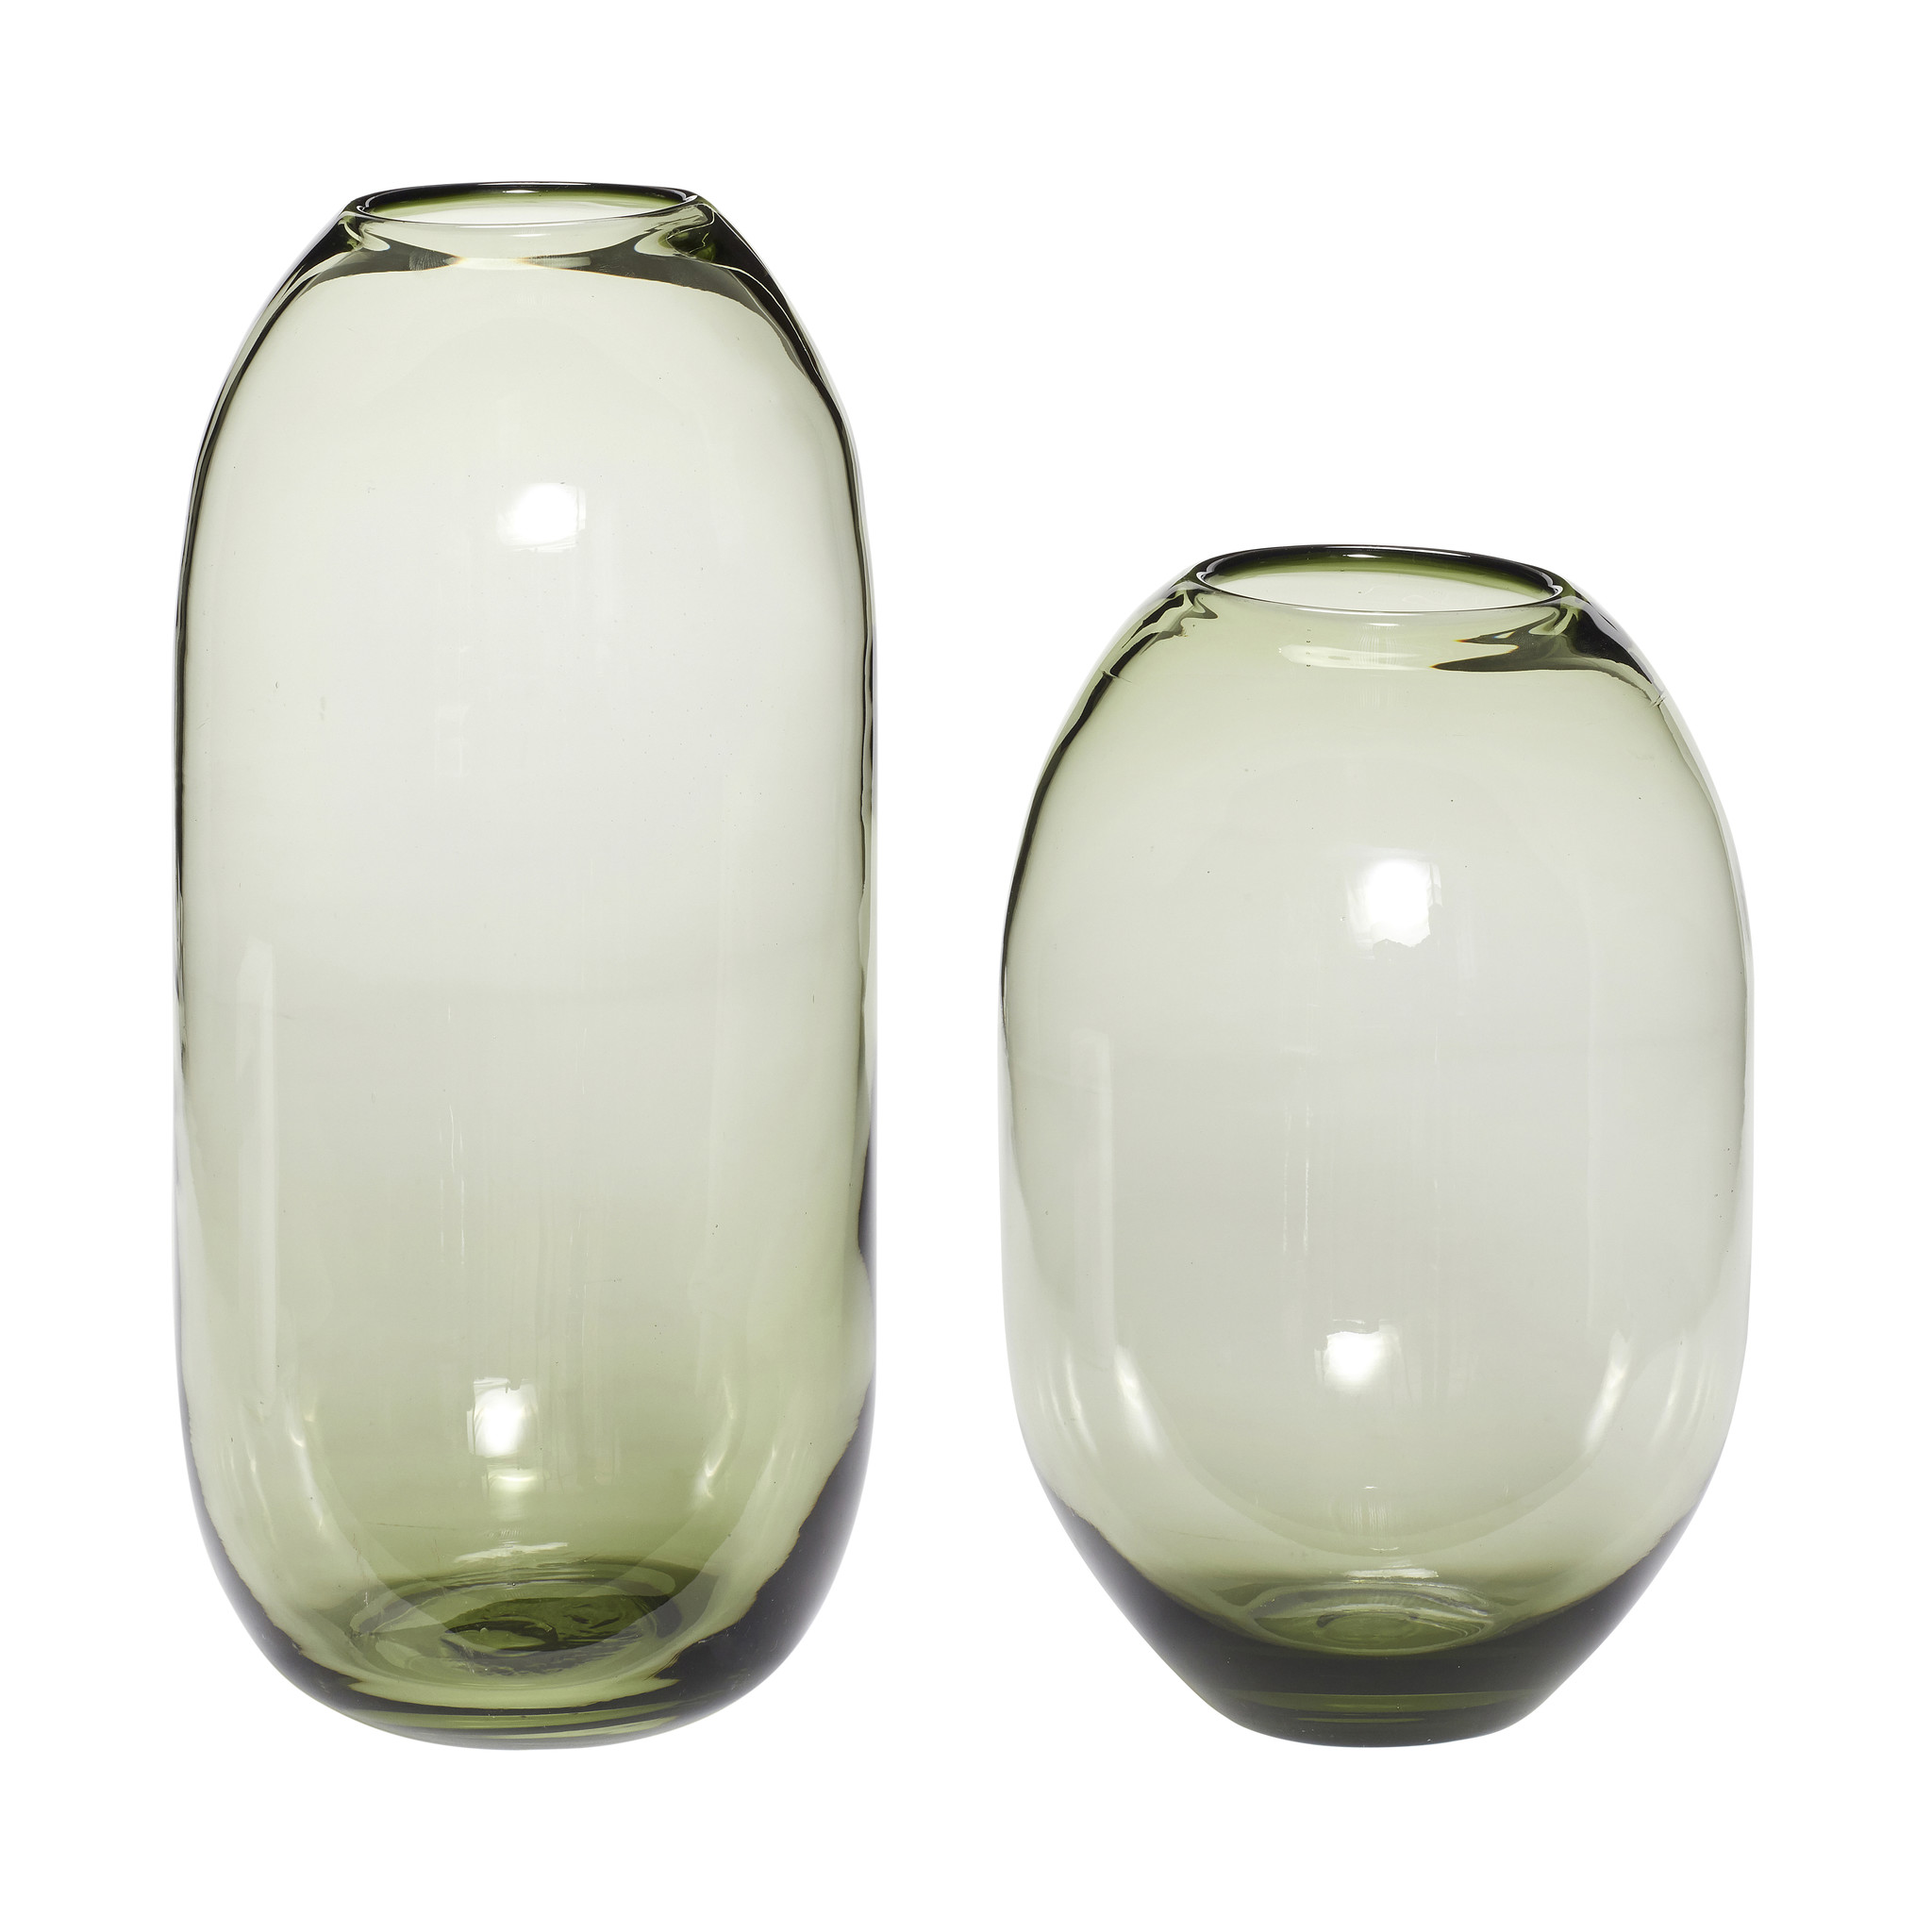 Hubsch Vaas, glas, groen, set van 2-280605-5712772061282